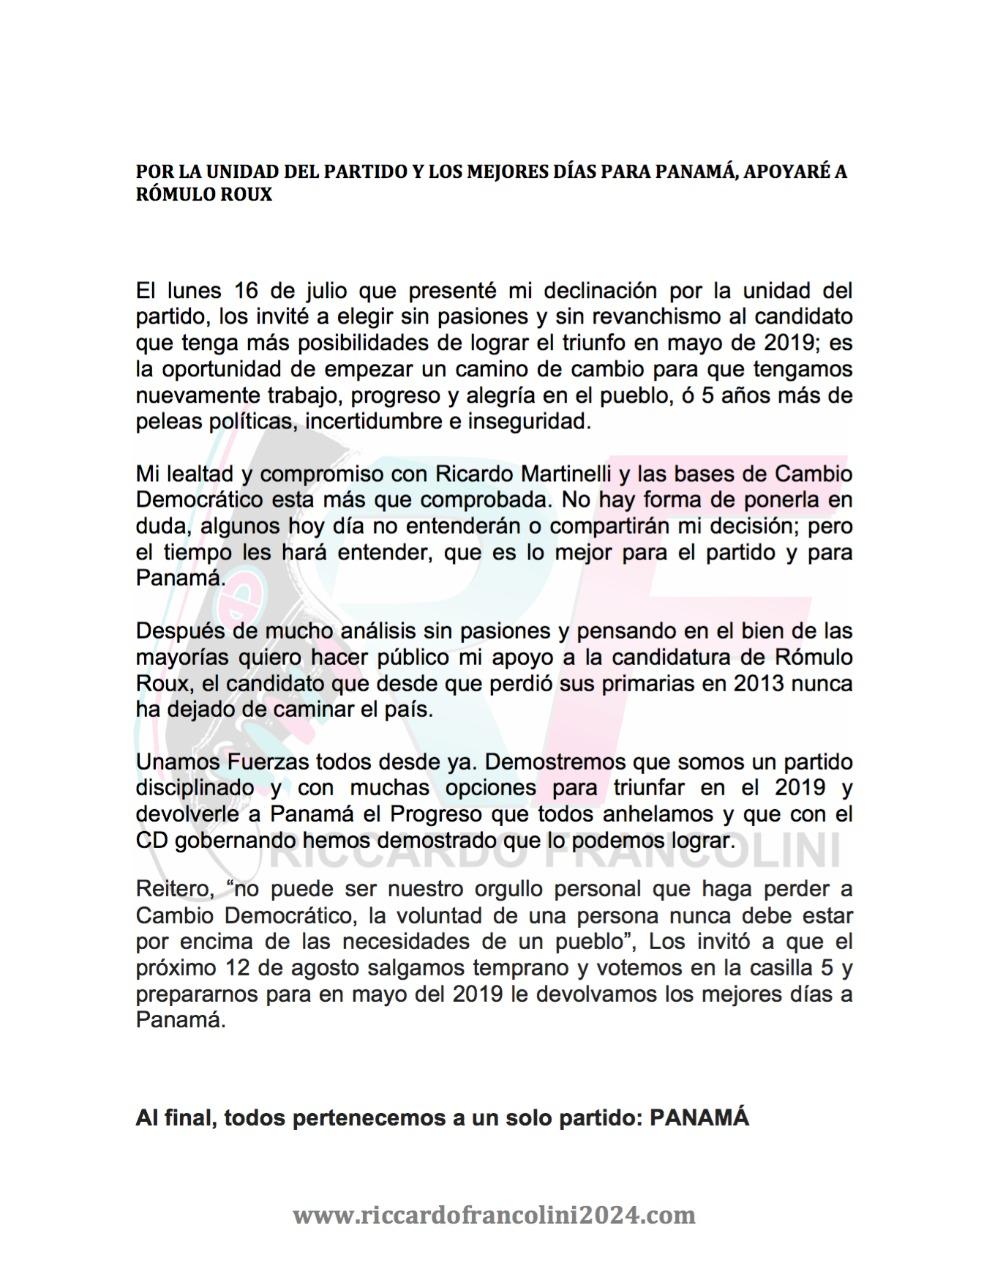 comunicado-francolini-apoya-a-roux-panama-politica